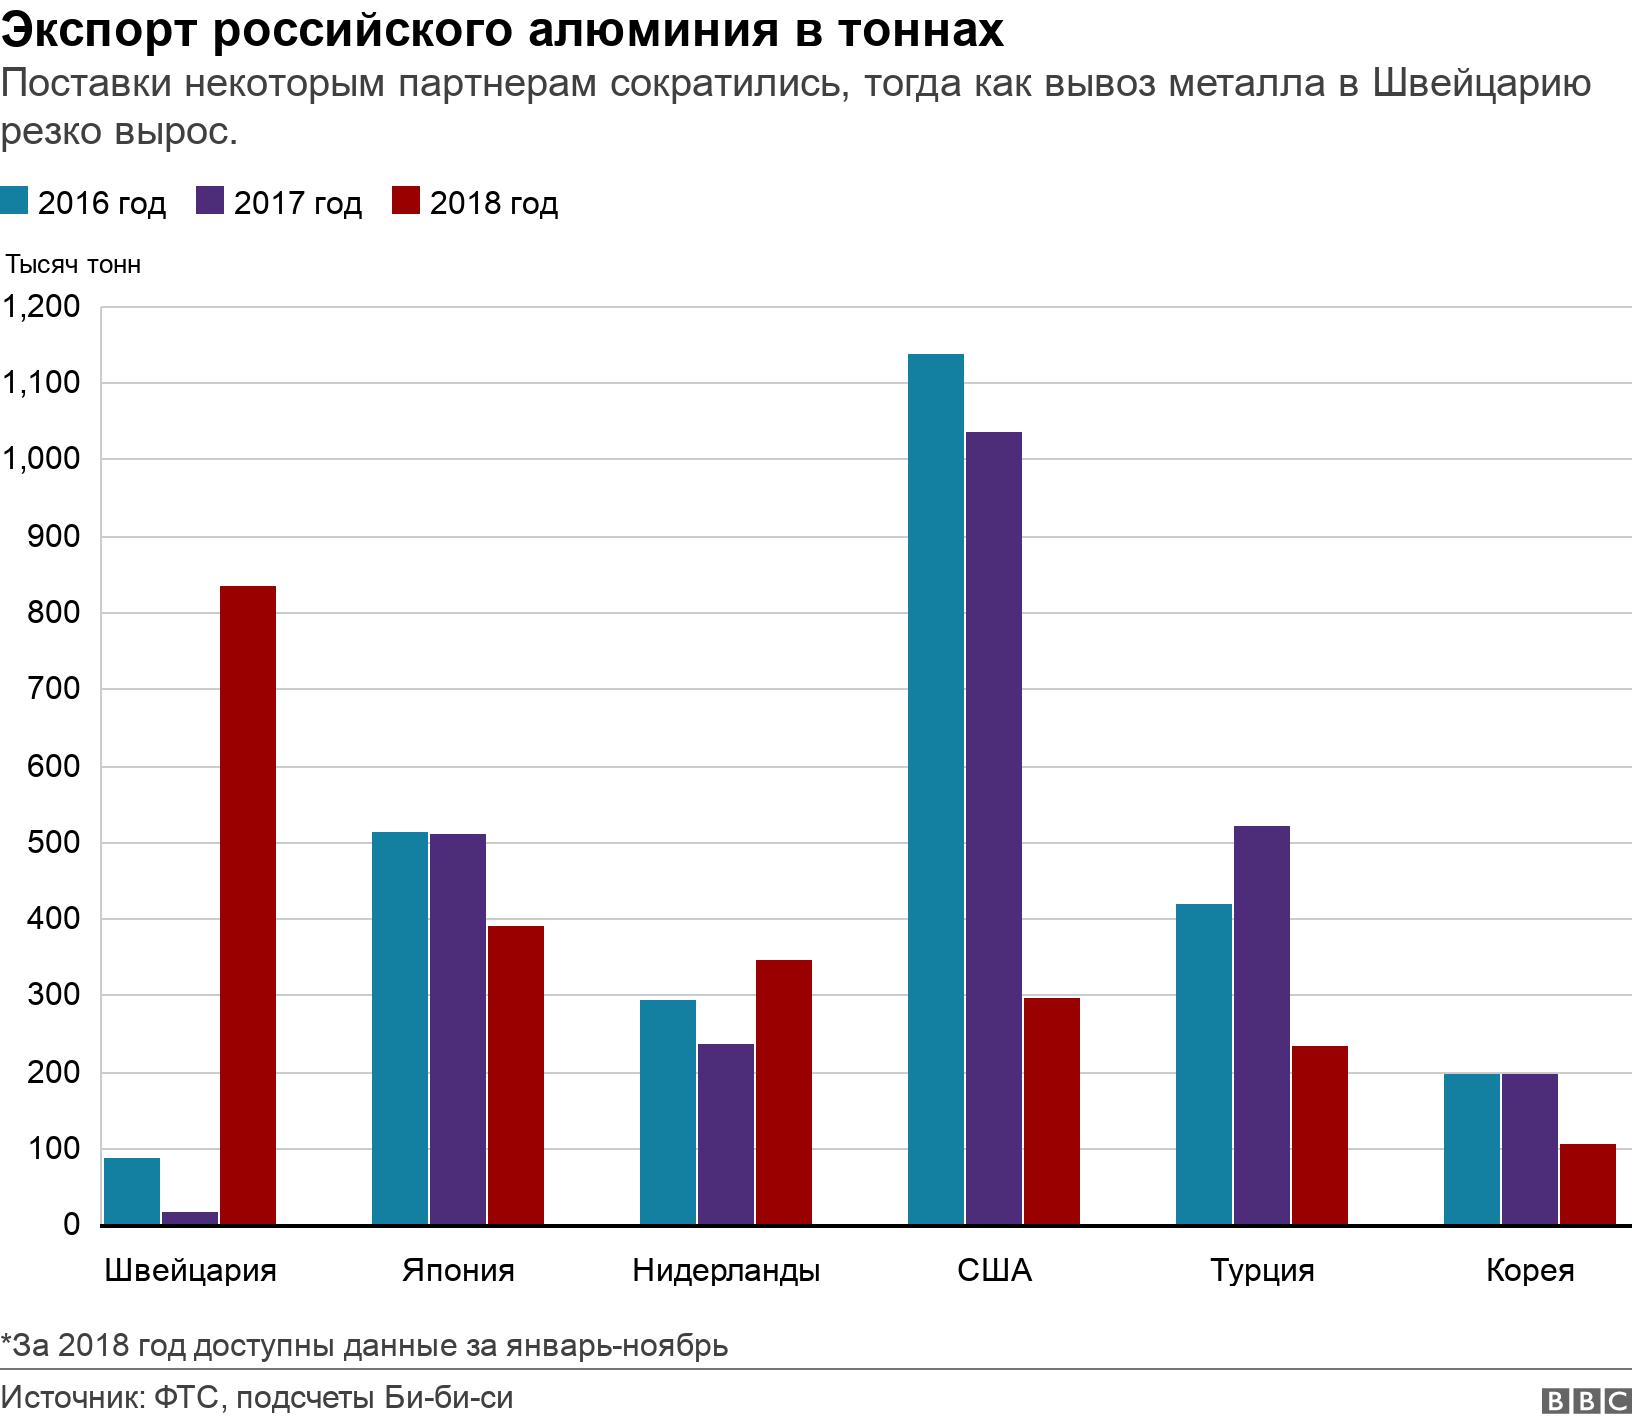 Экспорт российского алюминия в тоннах. Поставки некоторым партнерам сократились, тогда как вывоз металла в Швейцарию резко вырос. .  *За 2018 год доступны данные за январь-ноябрь.